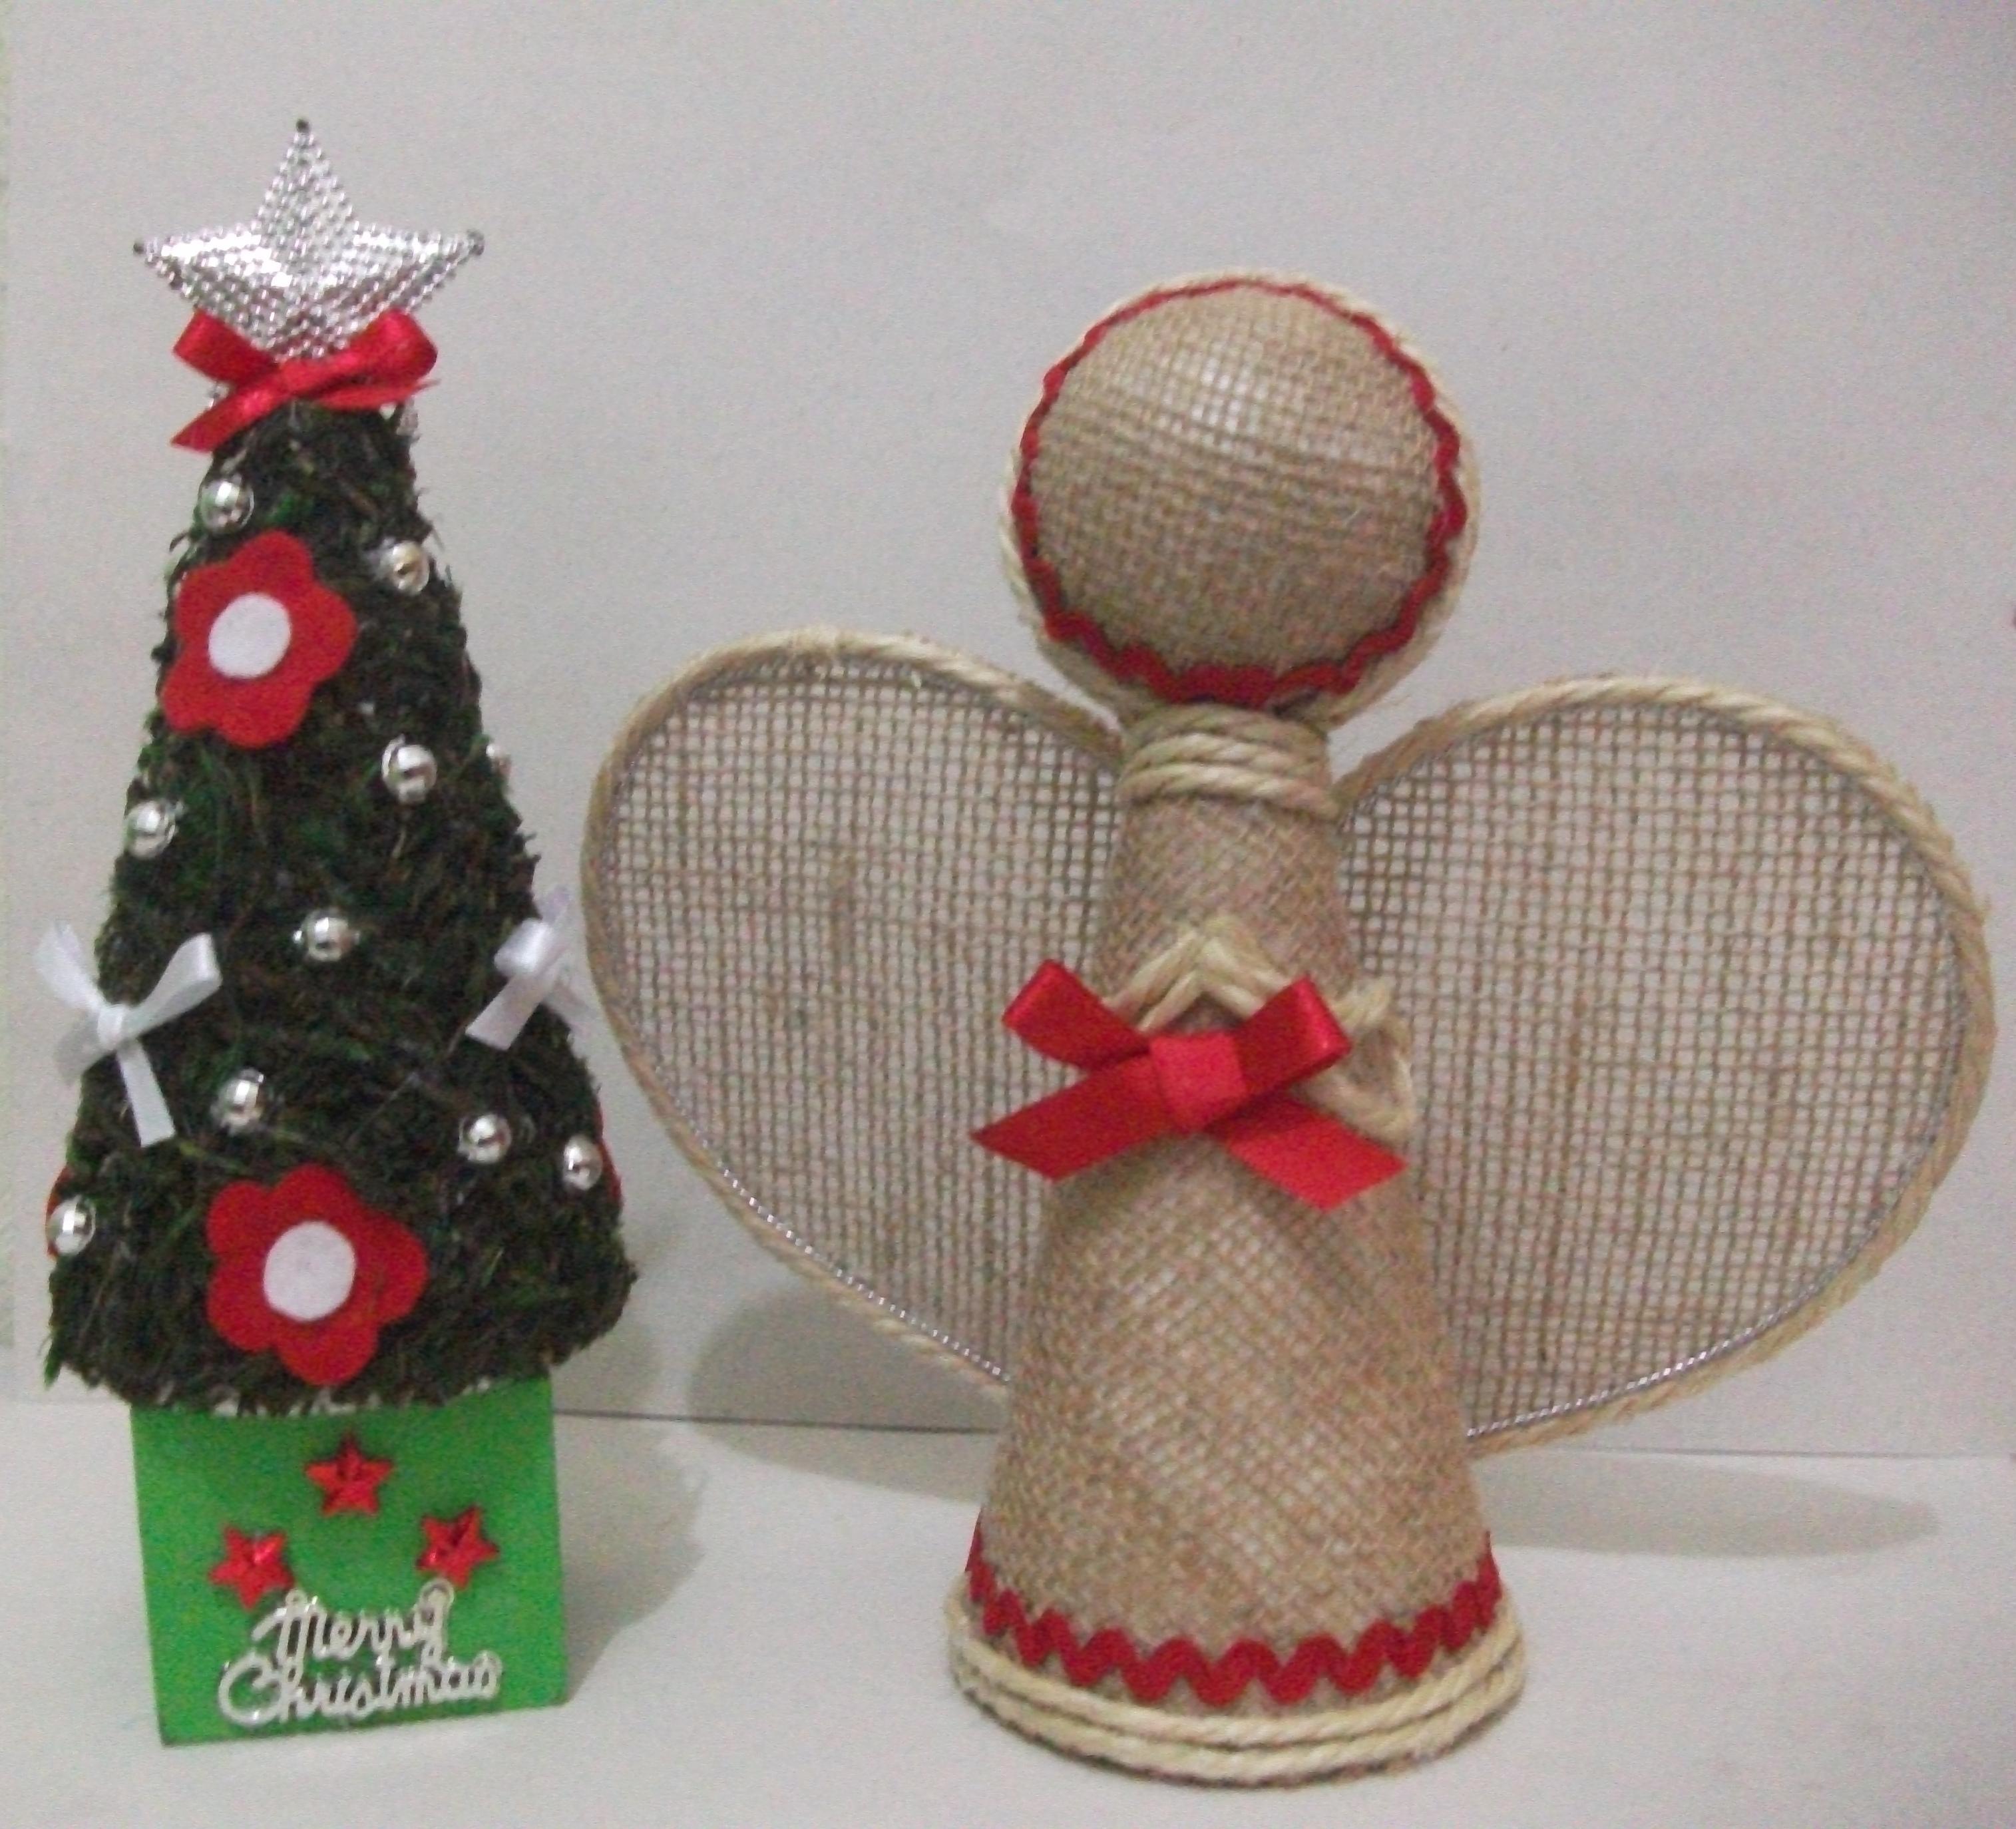 decoracao de arvore de natal tradicional: arvore de natal topiaria arvore de natal topiaria arvore de natal